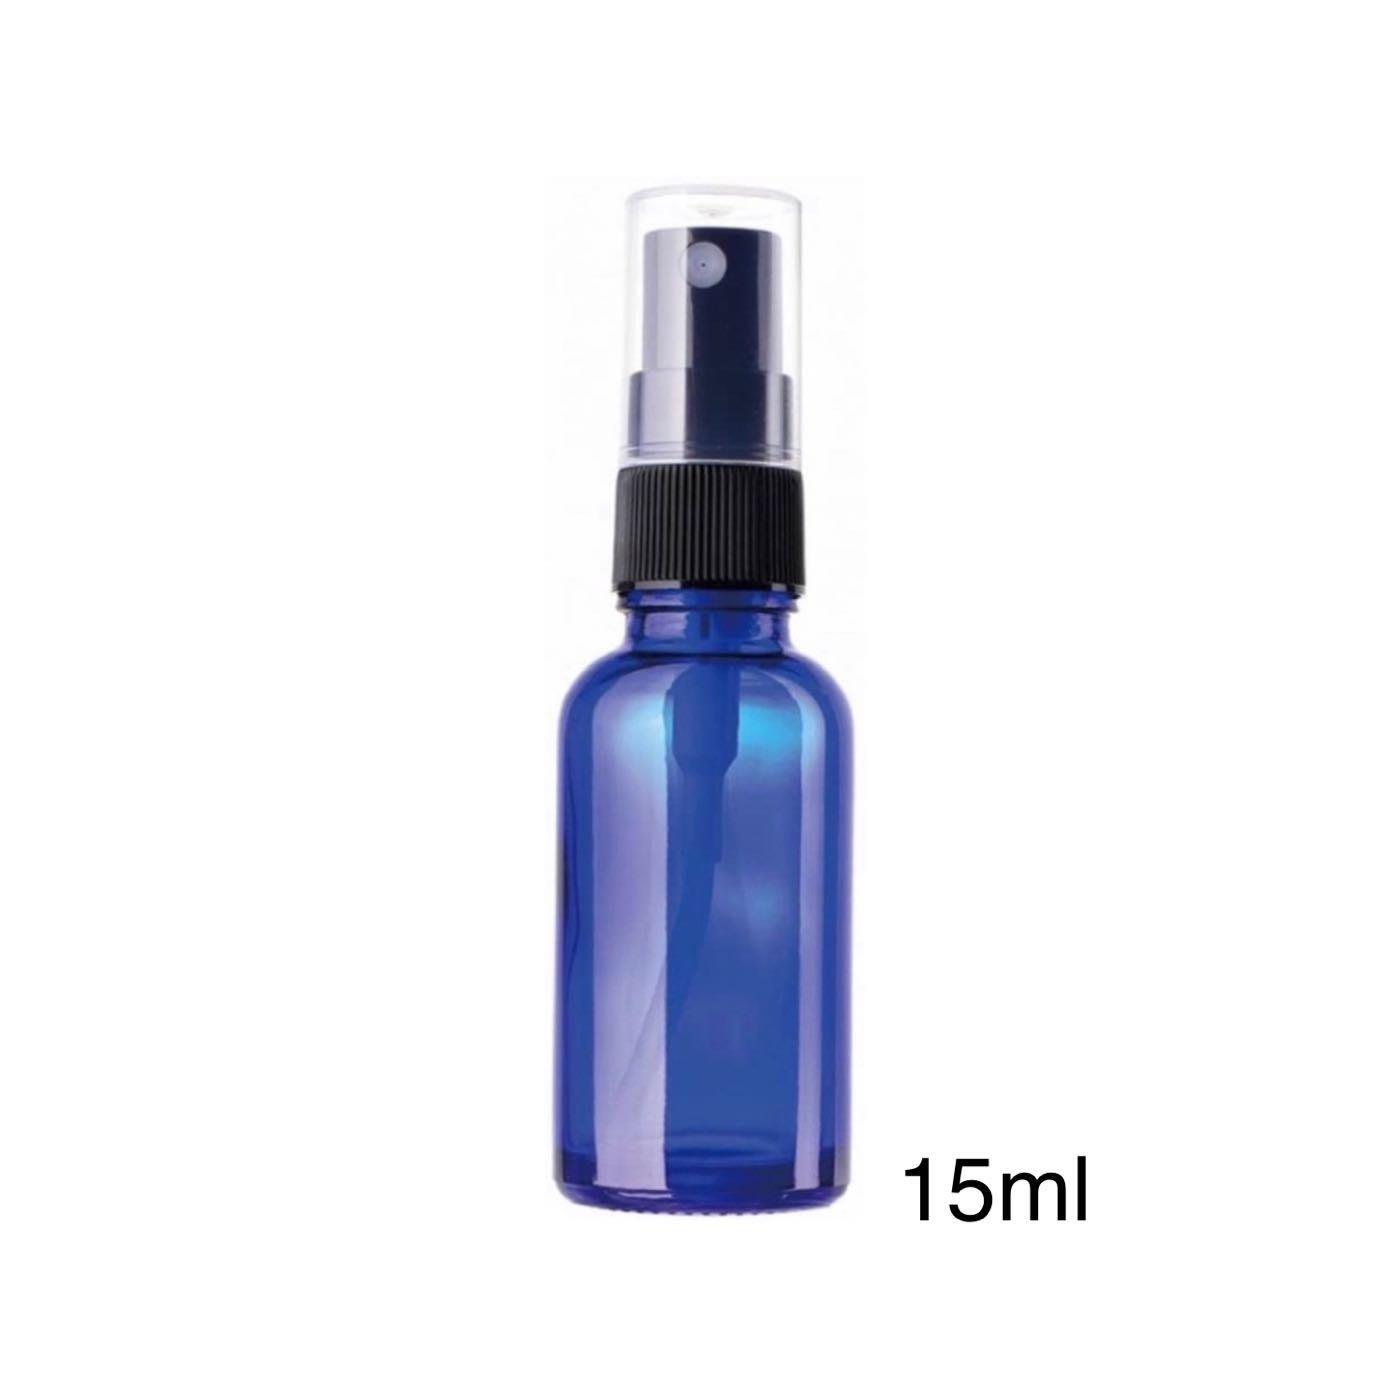 【現貨】臺灣製??15ml玻璃噴霧瓶【藍色避光玻璃噴霧瓶】